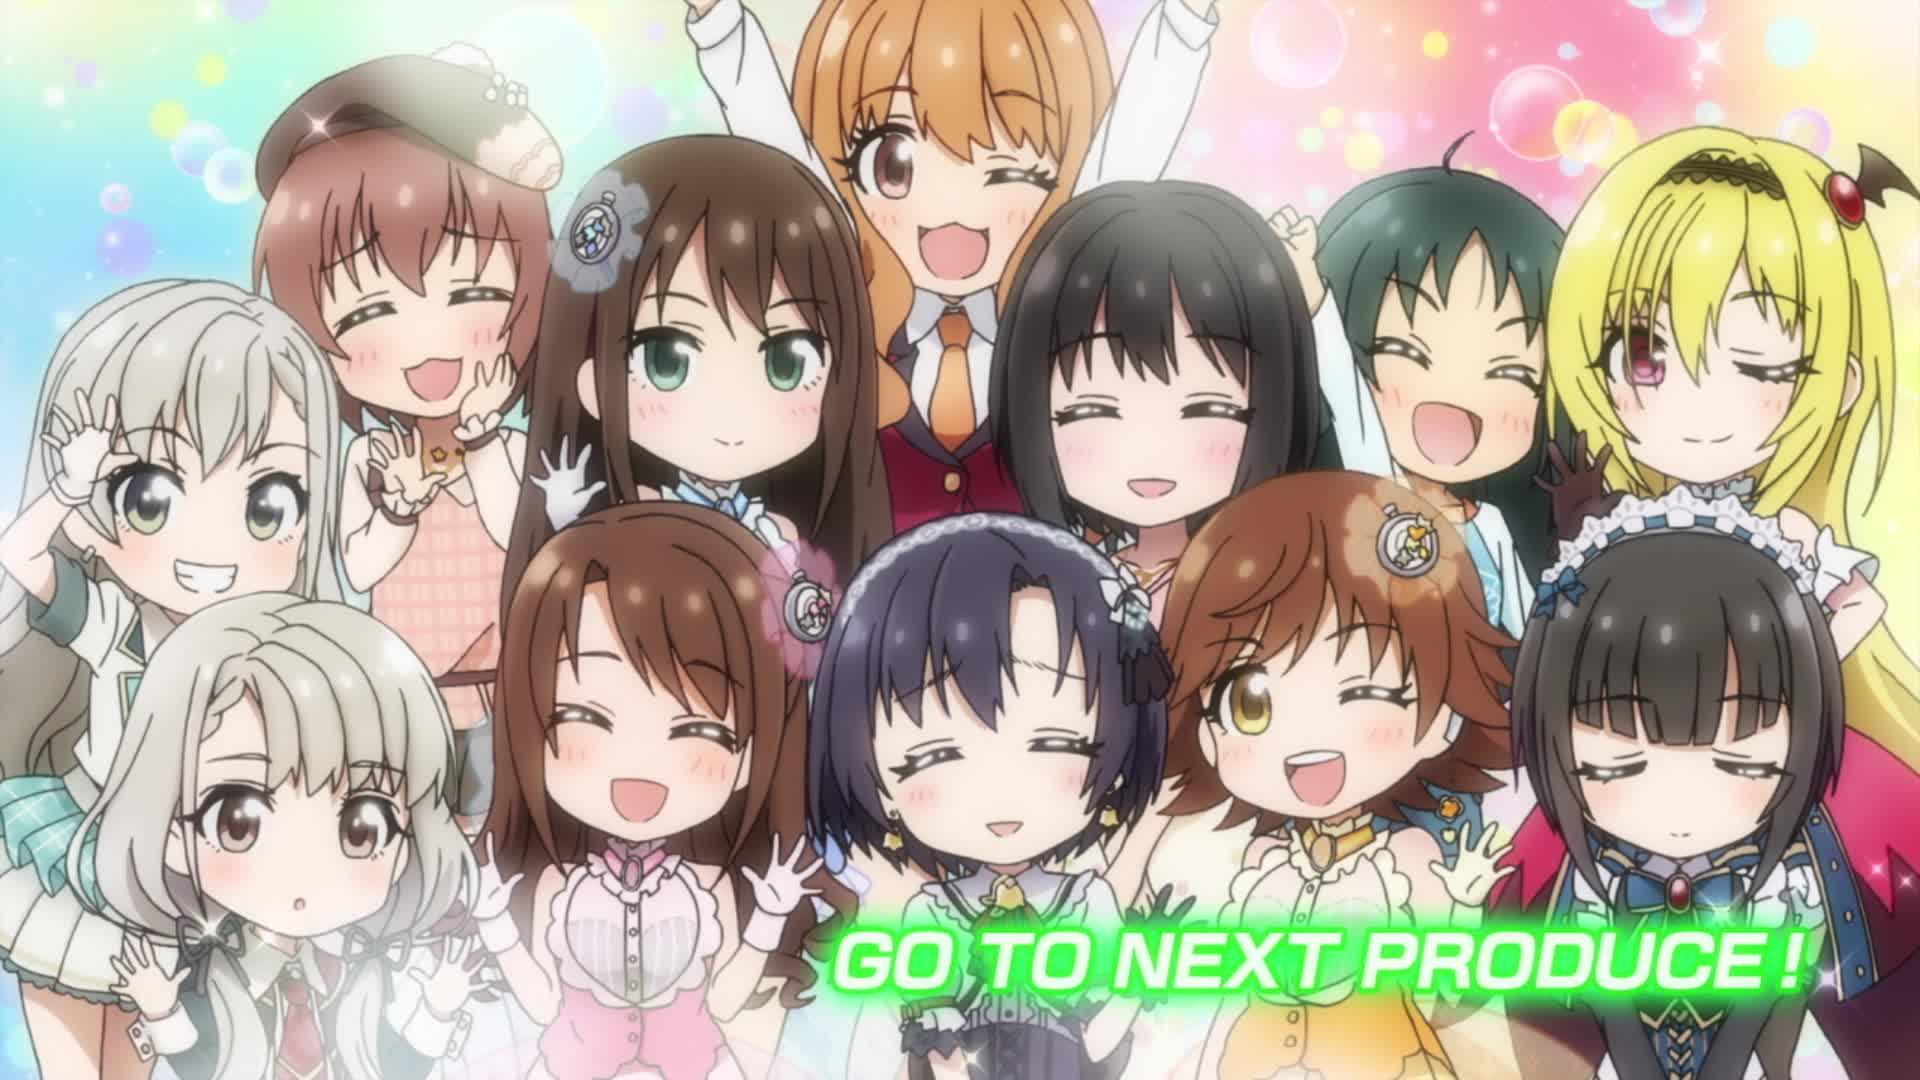 Descargar anime de Cinderella Girls Gekijou Climax Season subtitulado